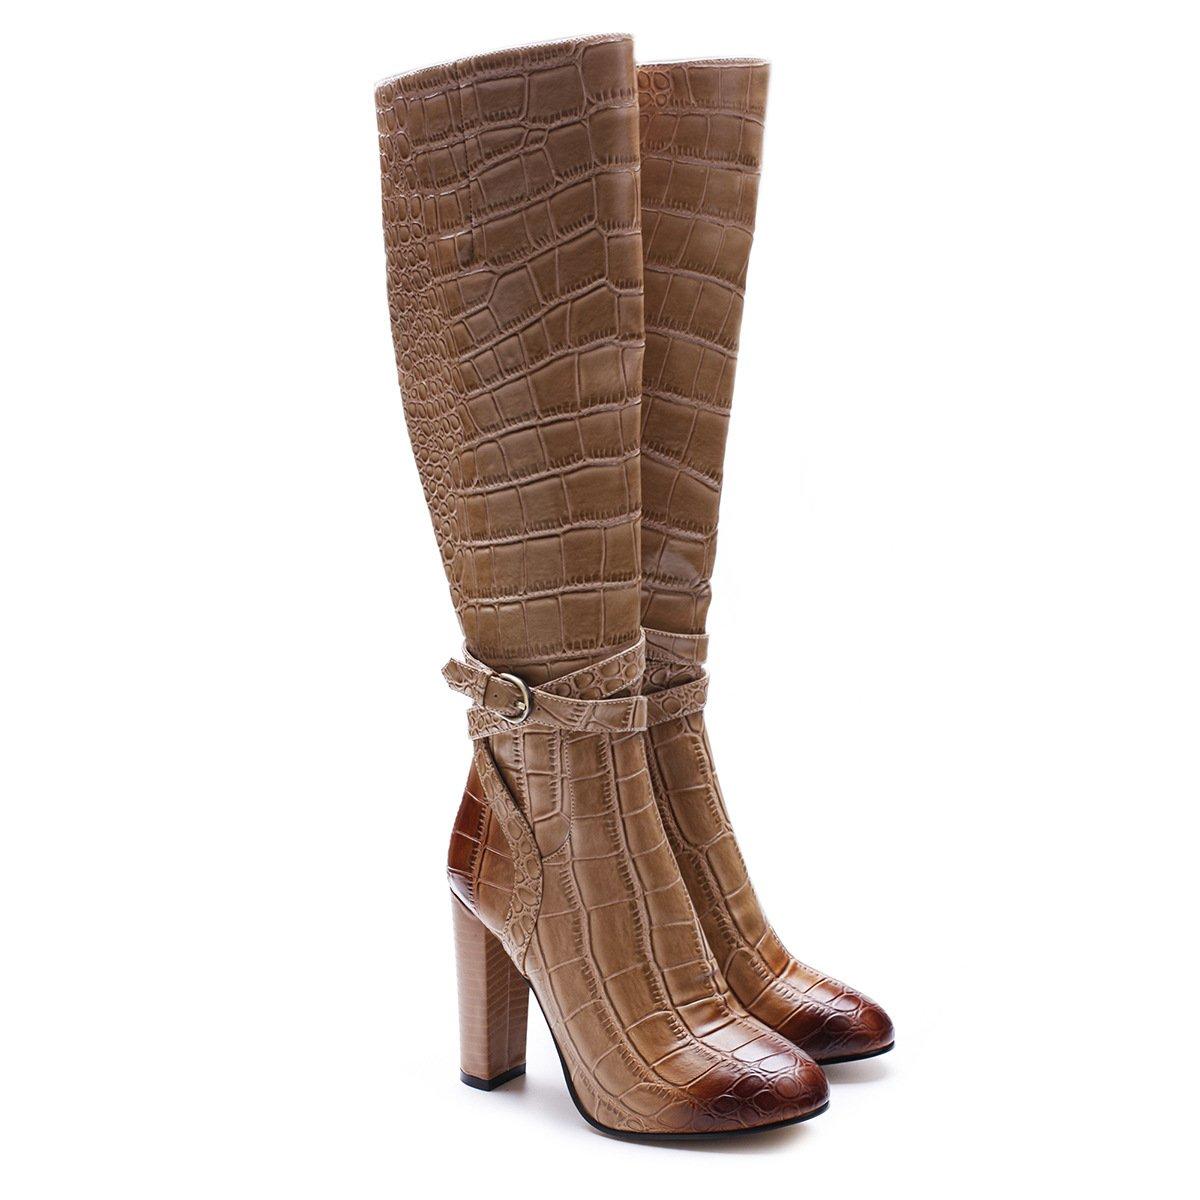 ZPL Stiefel Damen Oberschenkelhohe Stiefel Oberschenkel hoch Overknees Leder Blockieren Stöckelschuhe Winter Braun Krokodilmuster Stiefel Schuhe Größe 35-46